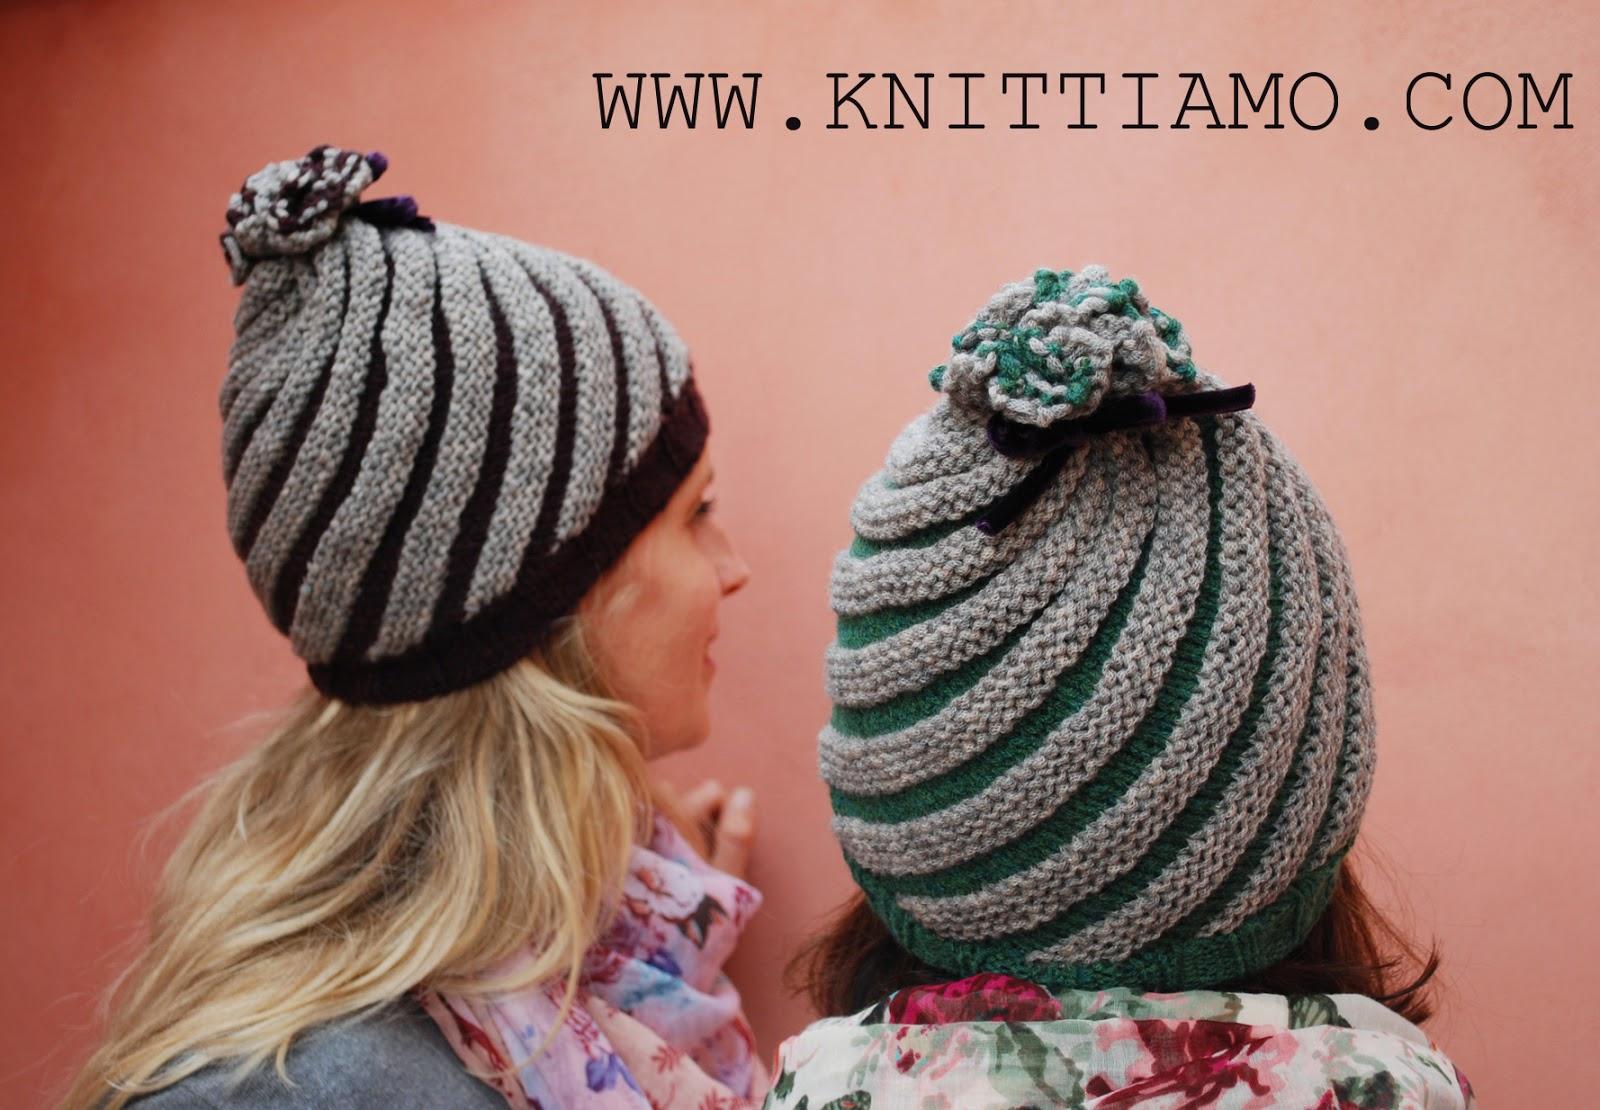 prezzi economici qualità affidabile grande sconto per Acquista fare cappello - OFF40% sconti